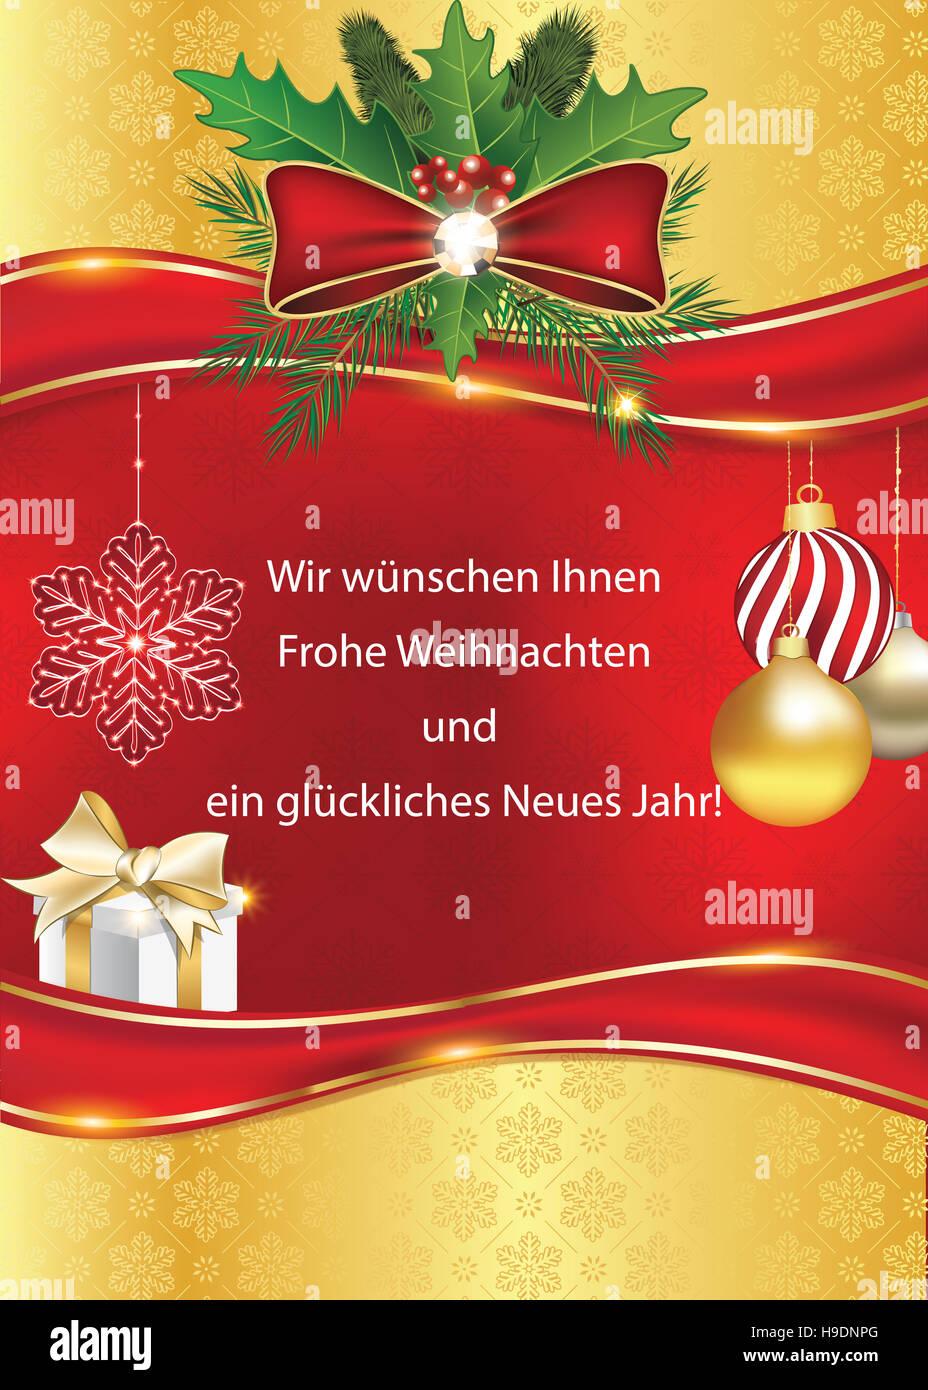 Geschäftliche Weihnachtsgrüße. Wir wünschen Ihnen Frohe Weihnachten ...